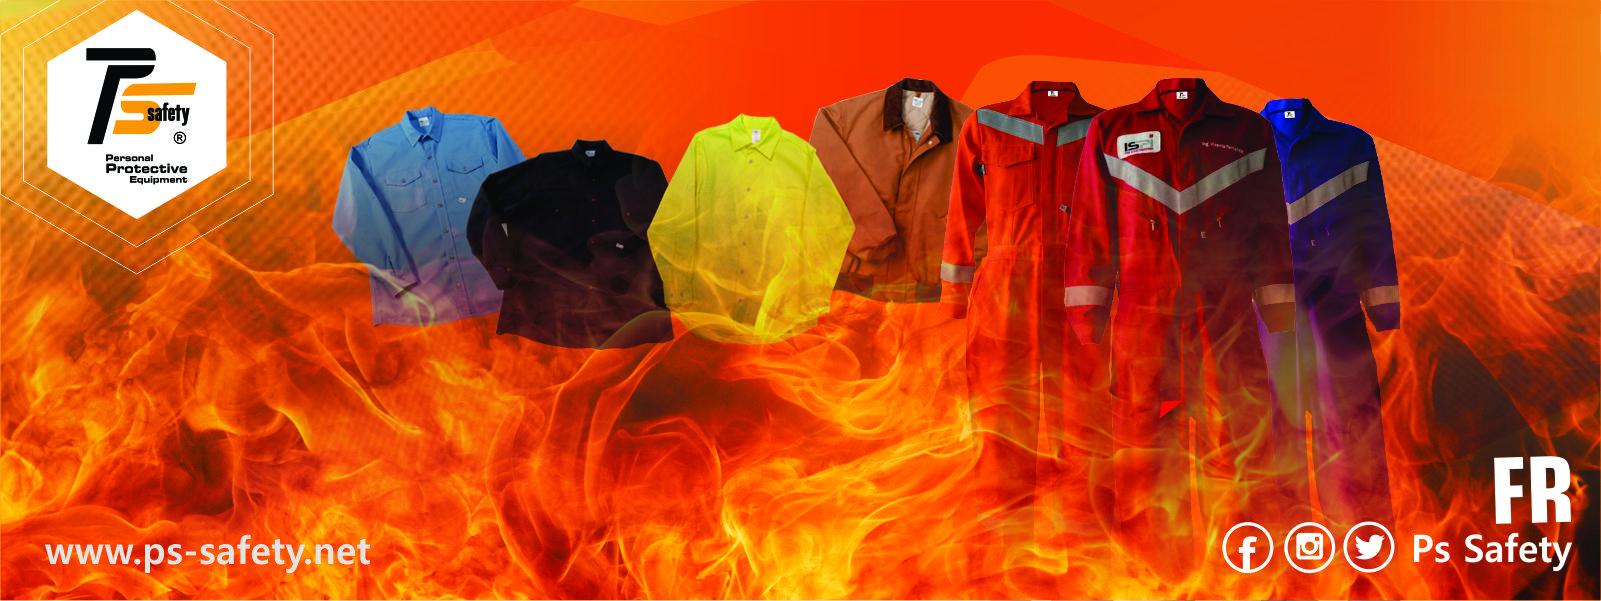 Ropa contra riesgo de arco electrico y fuego repentino